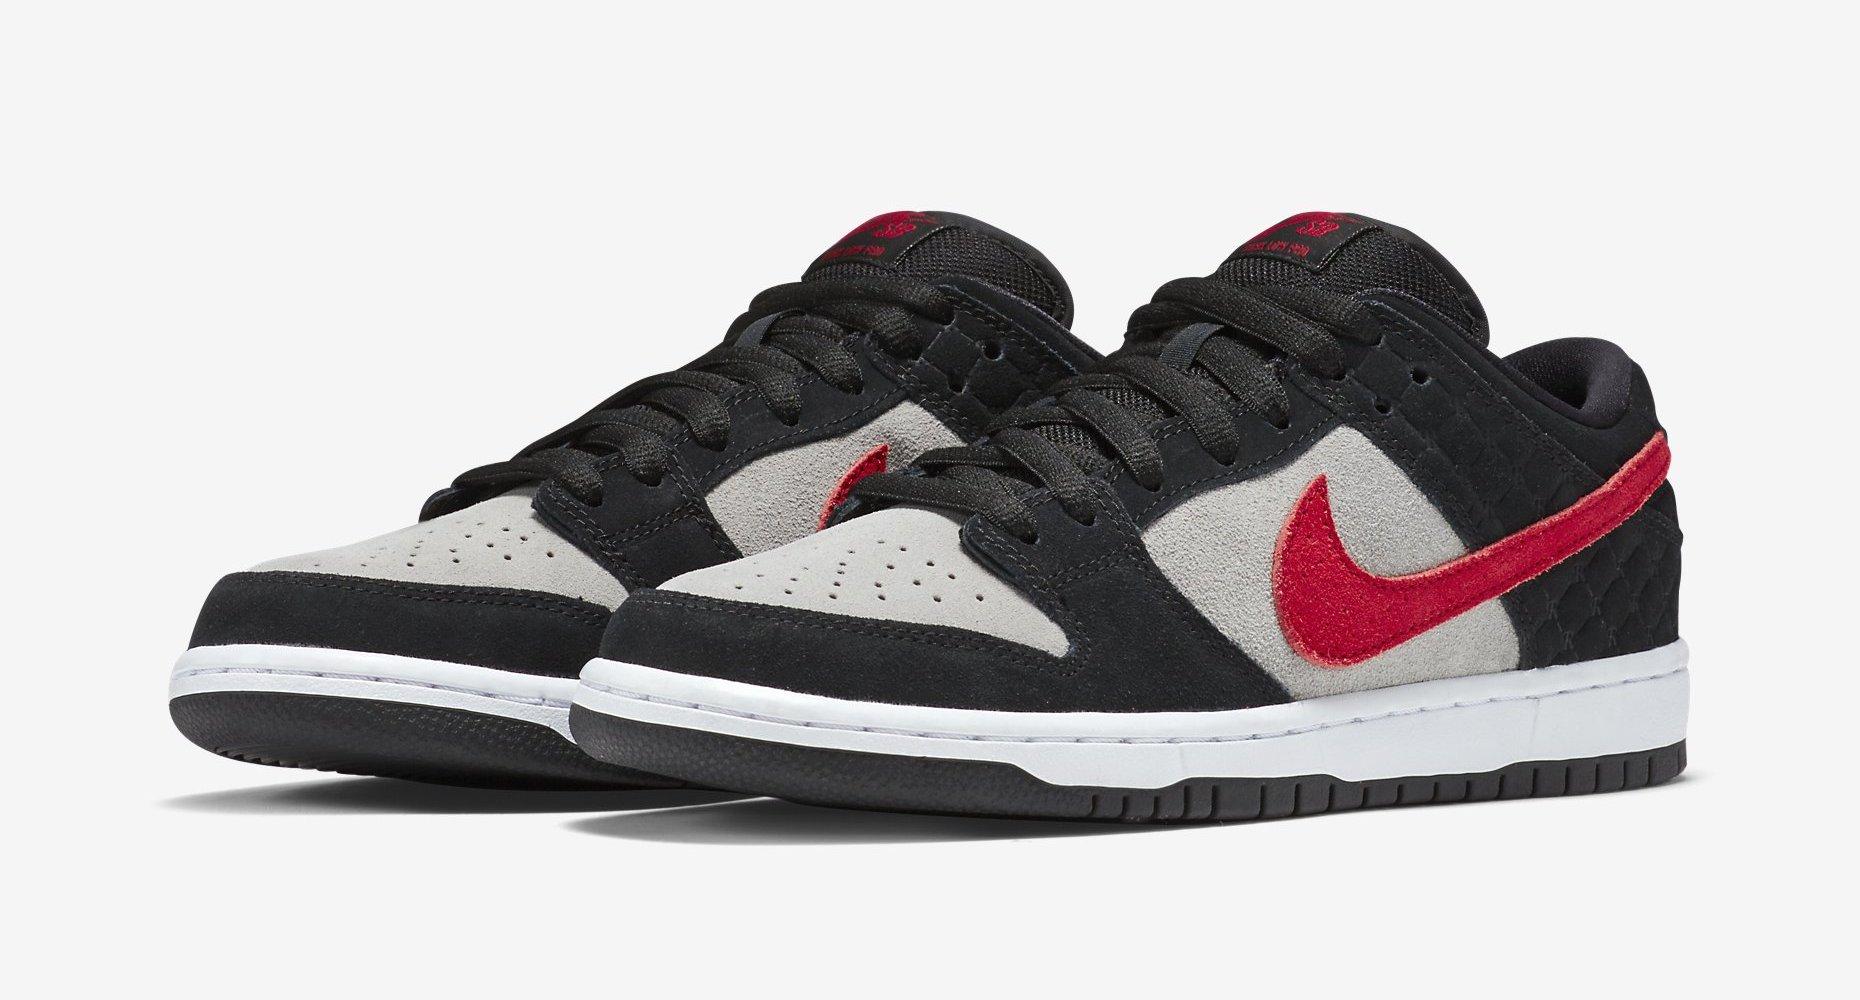 watch ad16f 7074a Air 23 – Air Jordan Release Dates, Foamposite, Air Max, and More · Air  Jordan Release Dates · Nike ...